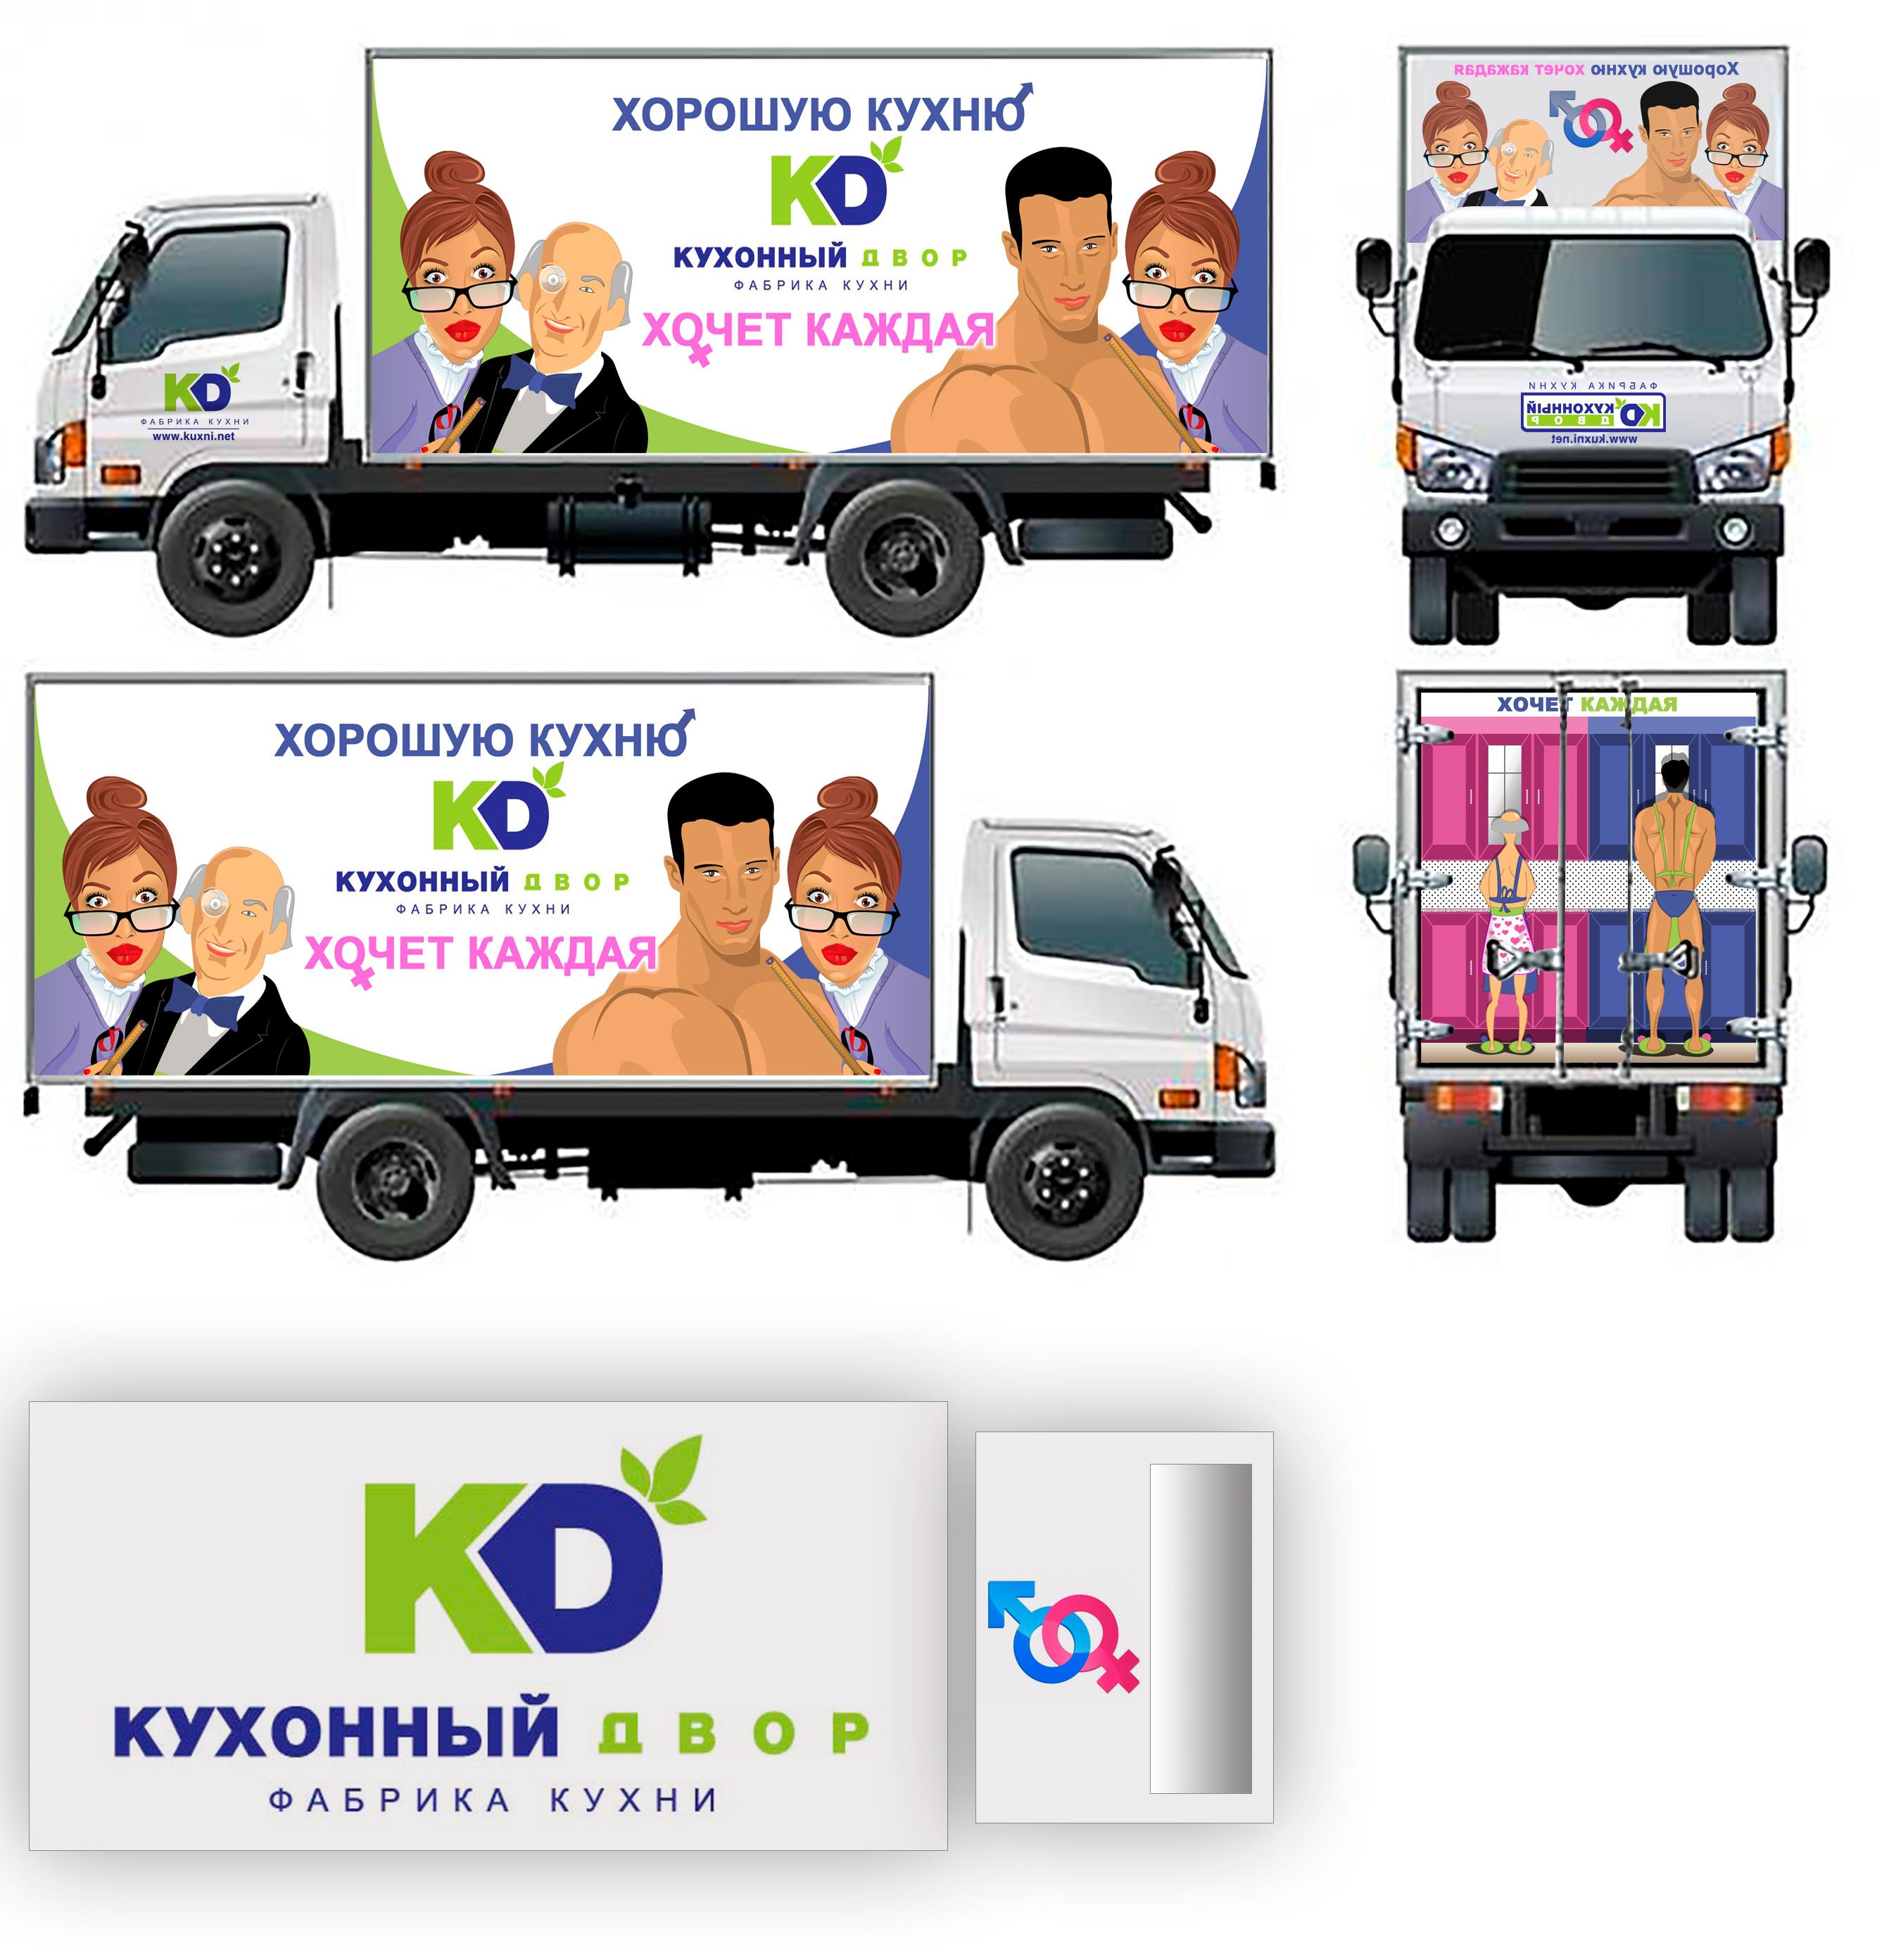 """Брендирование грузового авто для компании """"Кухонный двор"""" фото f_94359c97c8f10c1e.jpg"""